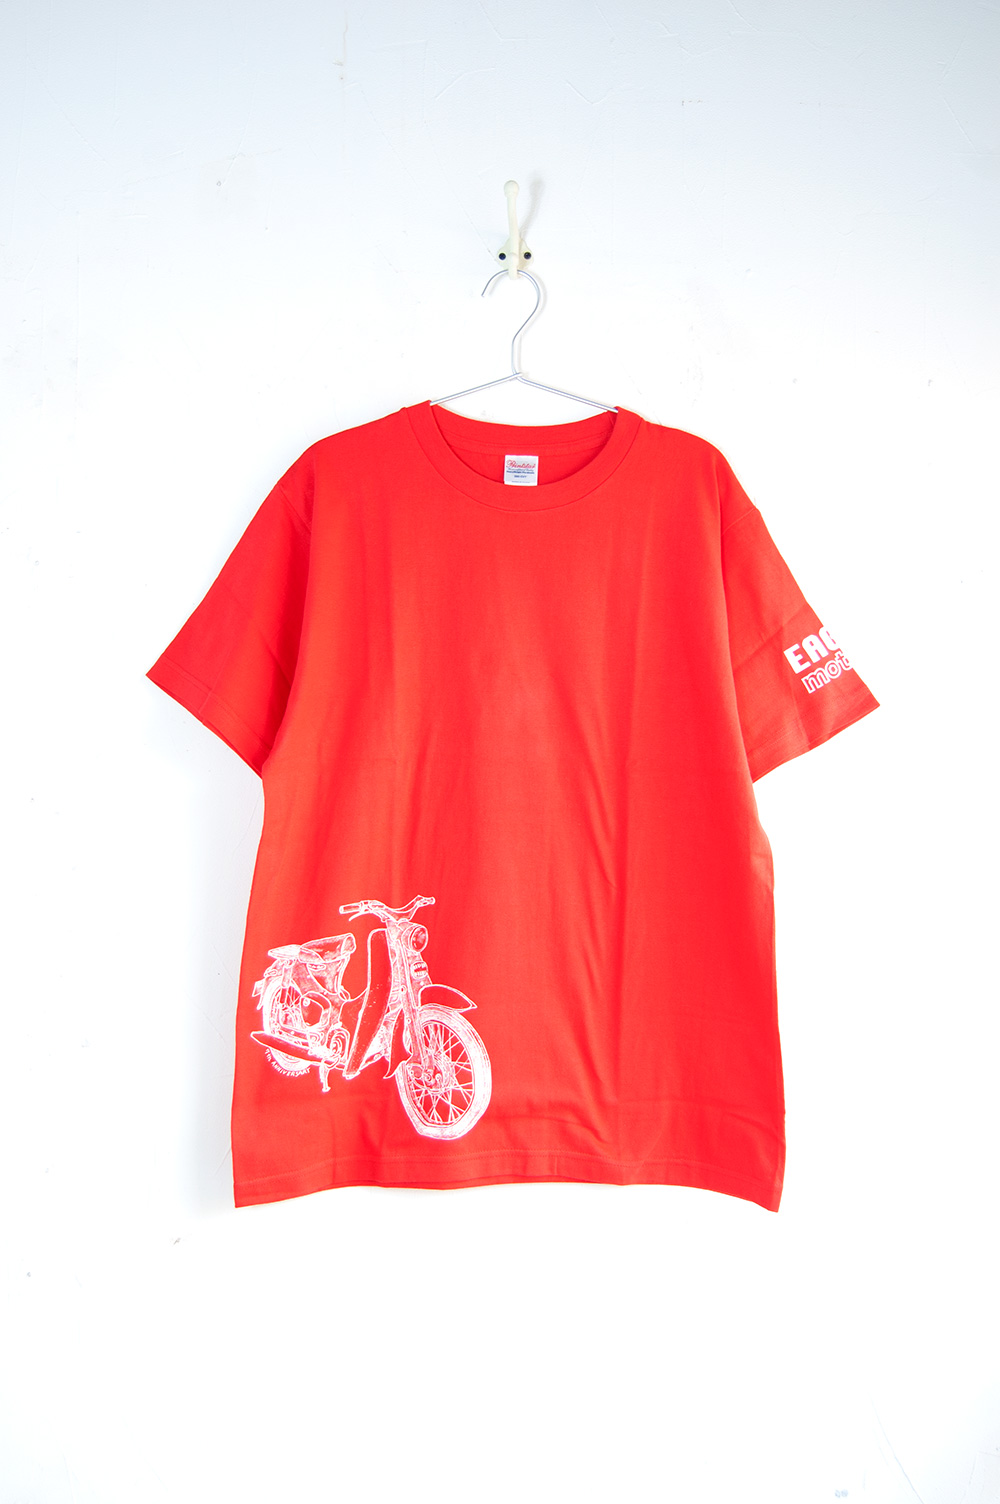 EAGLEmotorsオリジナル半袖Tシャツ ¥2300+税_a0165286_1385694.jpg